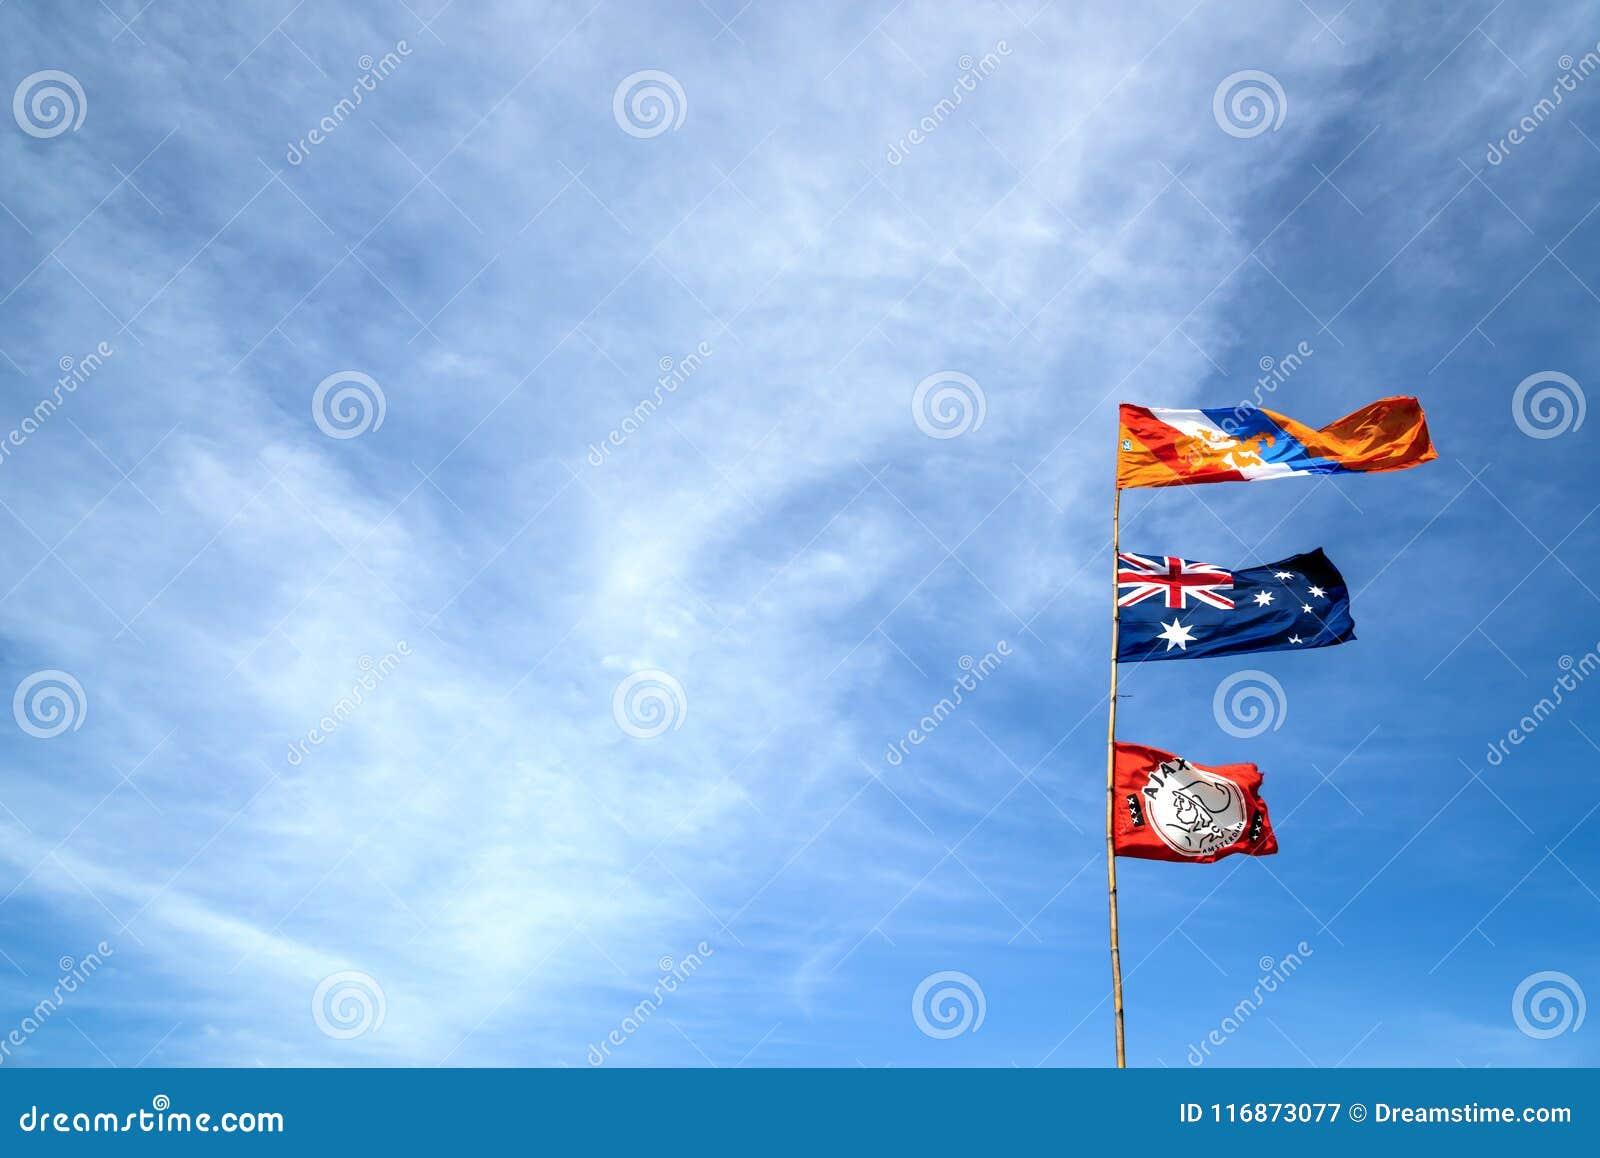 Países Bajos, Australia, bandera de ajax en el cielo azul